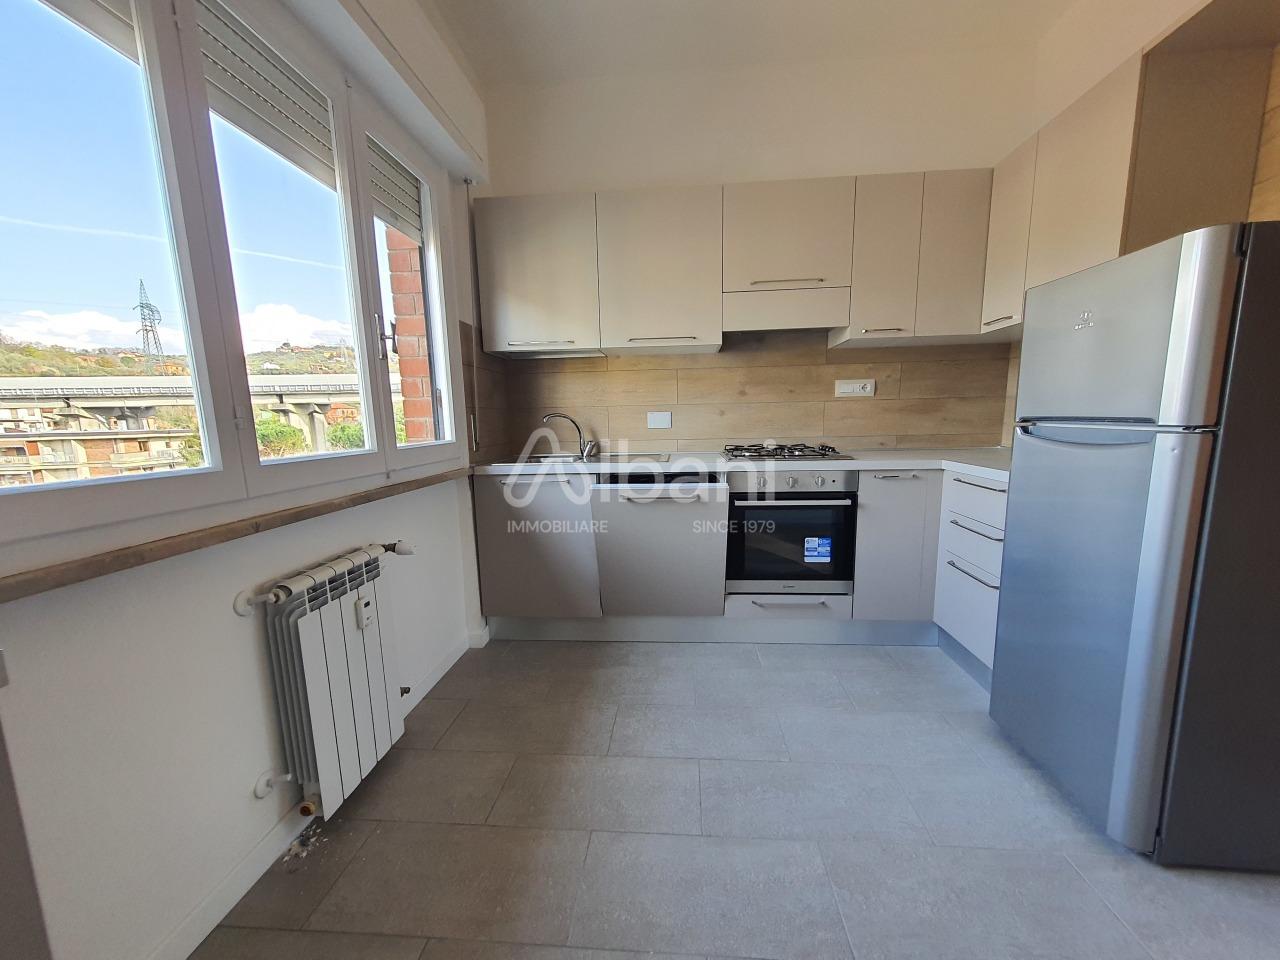 Appartamento in affitto a Vezzano Ligure, 4 locali, prezzo € 580 | PortaleAgenzieImmobiliari.it